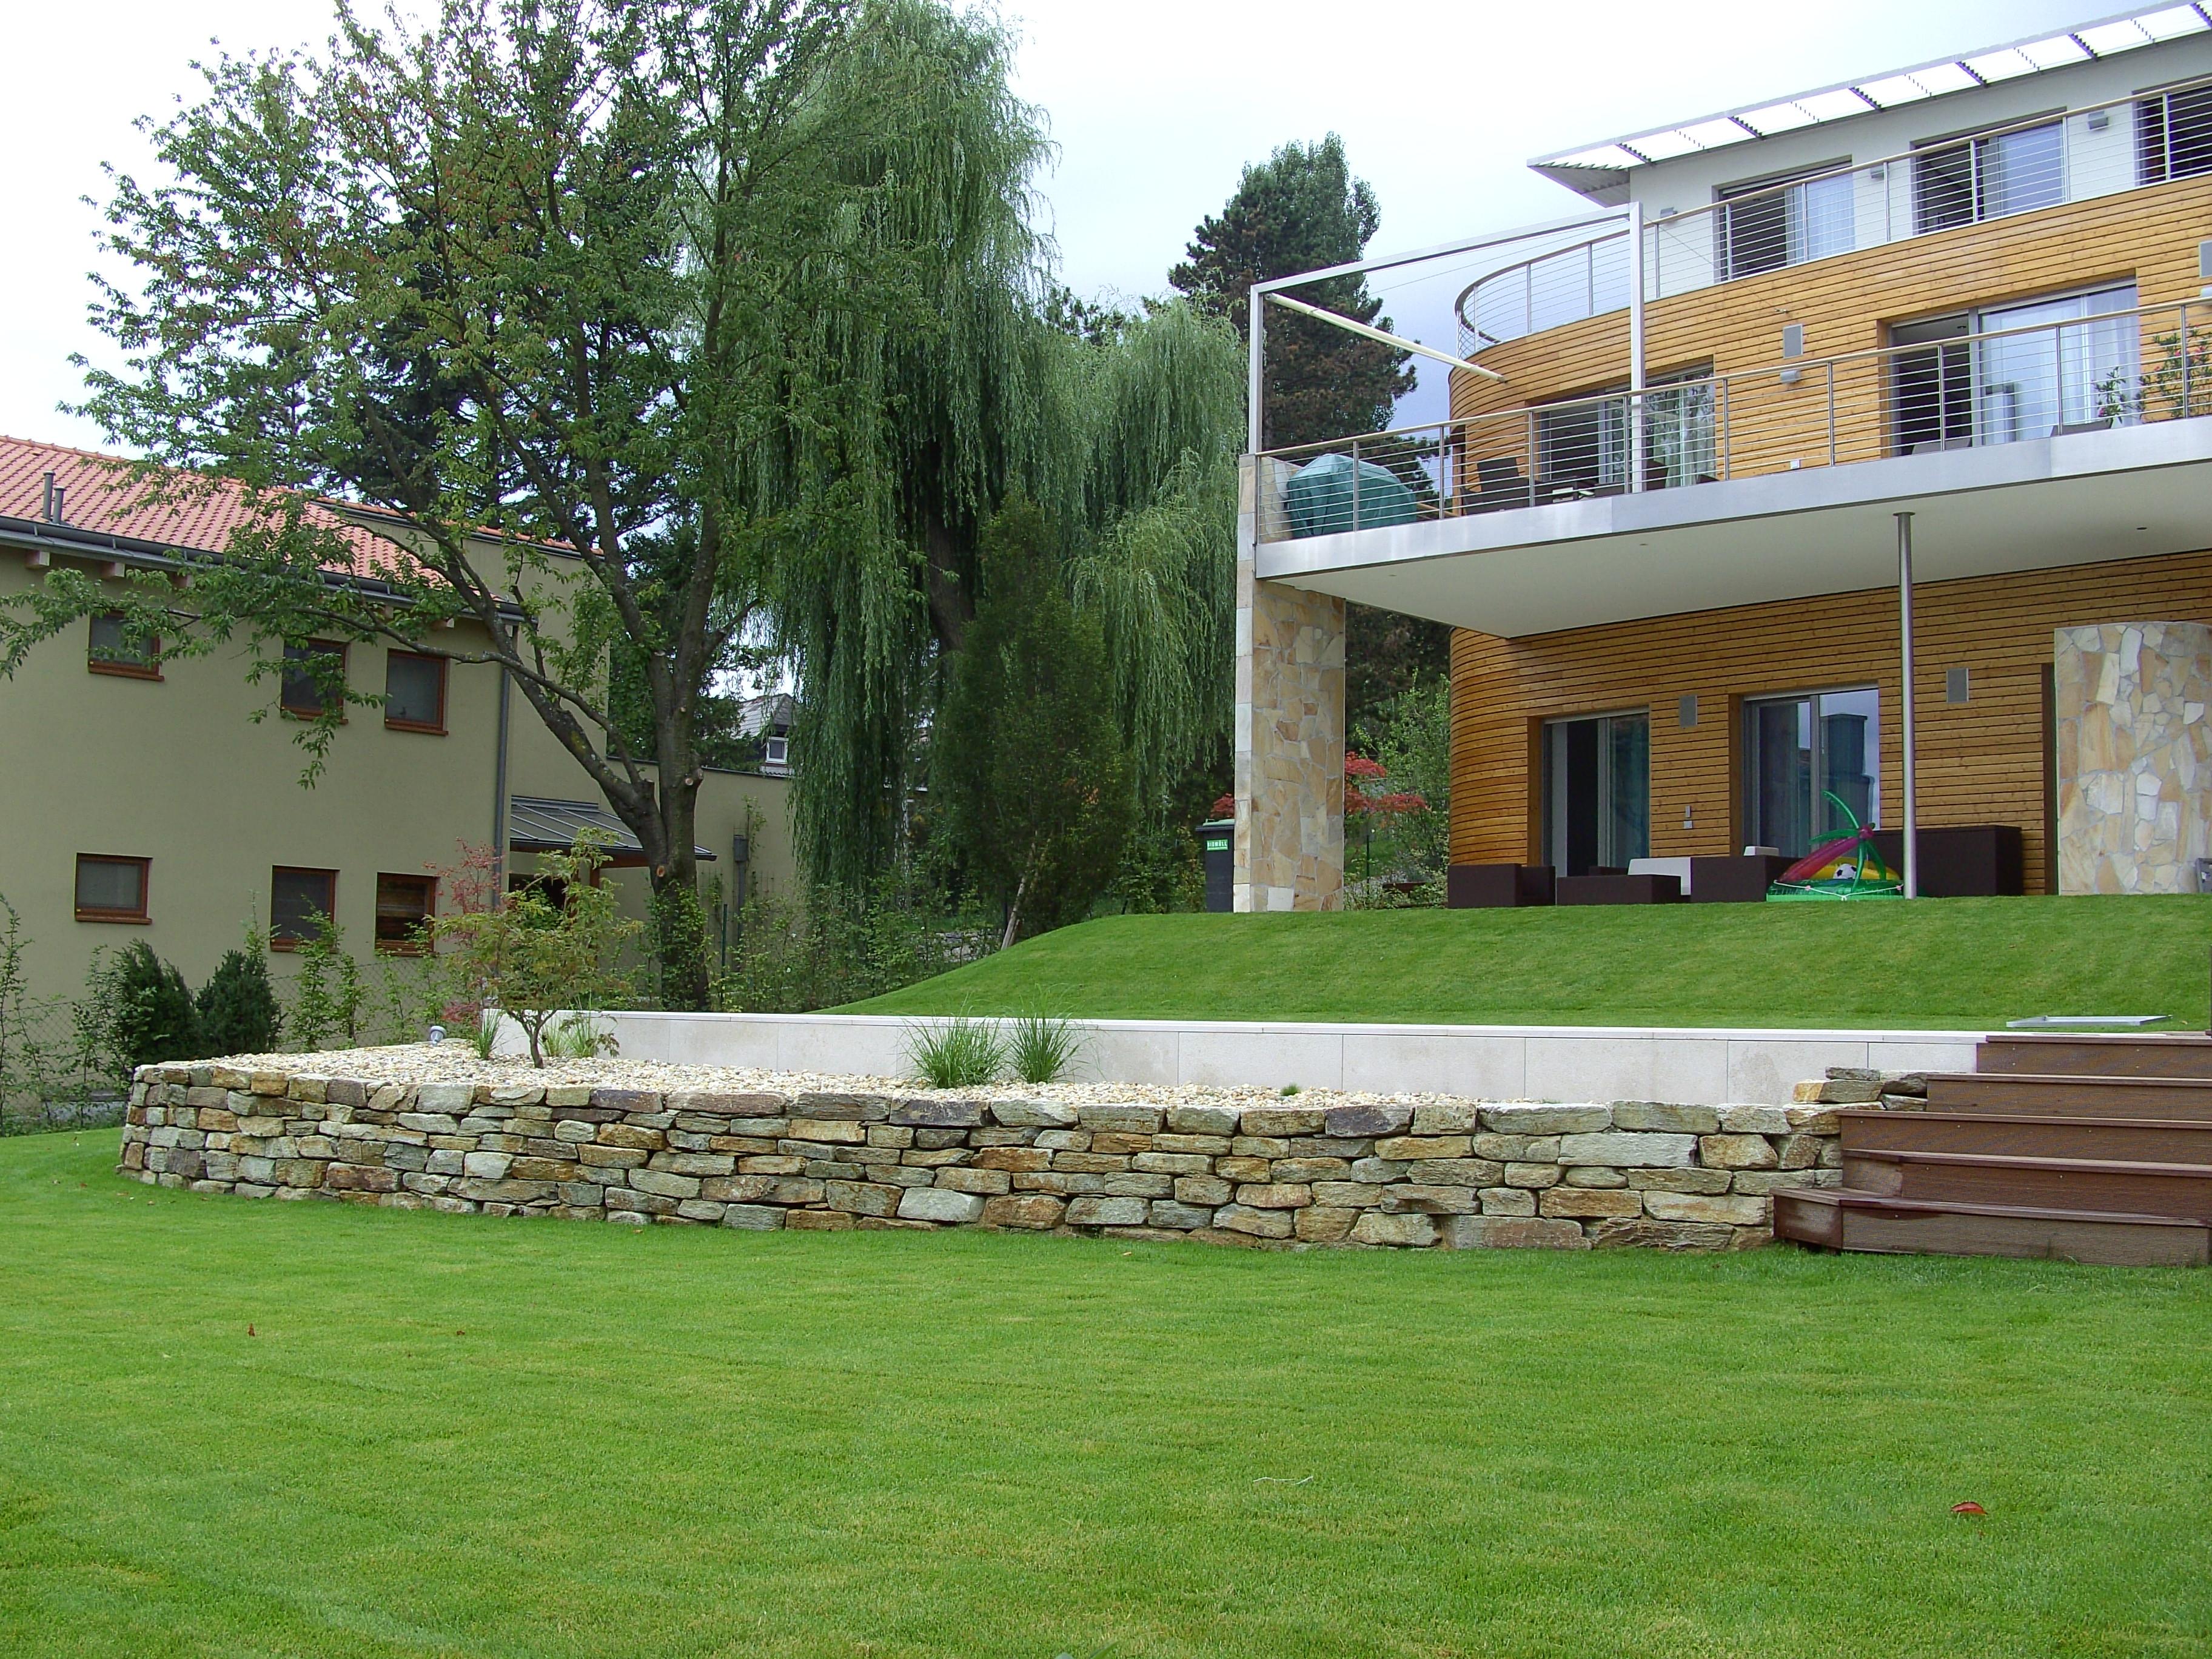 Gartengestaltung gr nwertgr nwert for Gartengestaltung urban